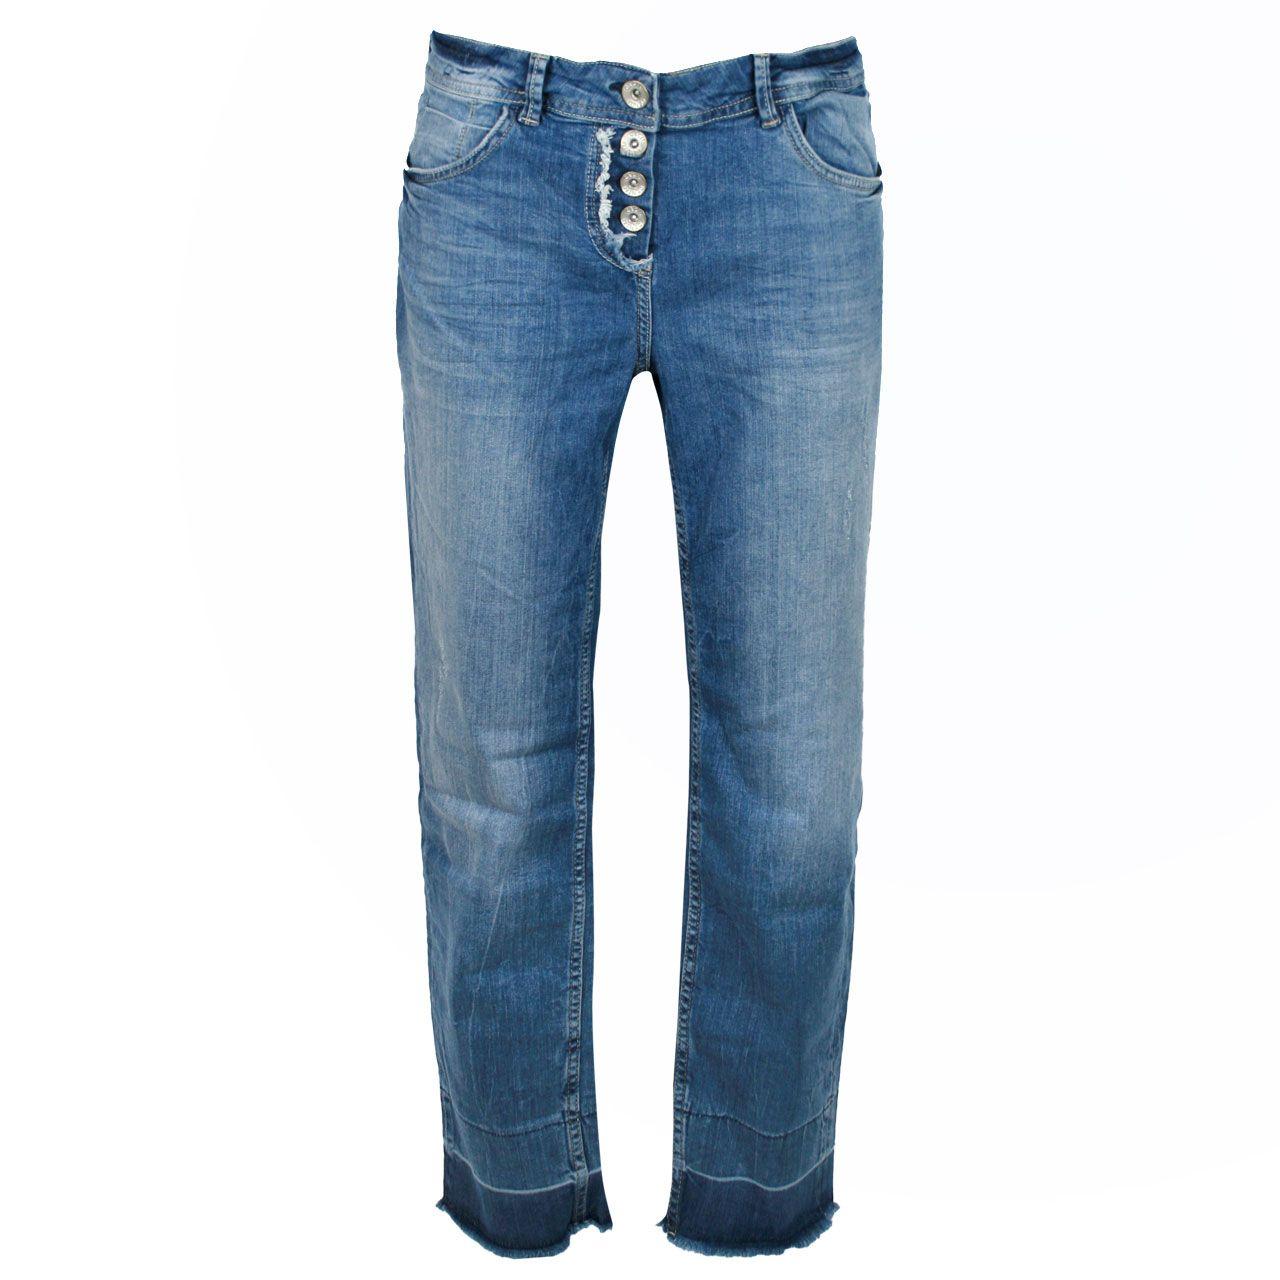 die besten 25 damen jeans formen ideen auf pinterest. Black Bedroom Furniture Sets. Home Design Ideas